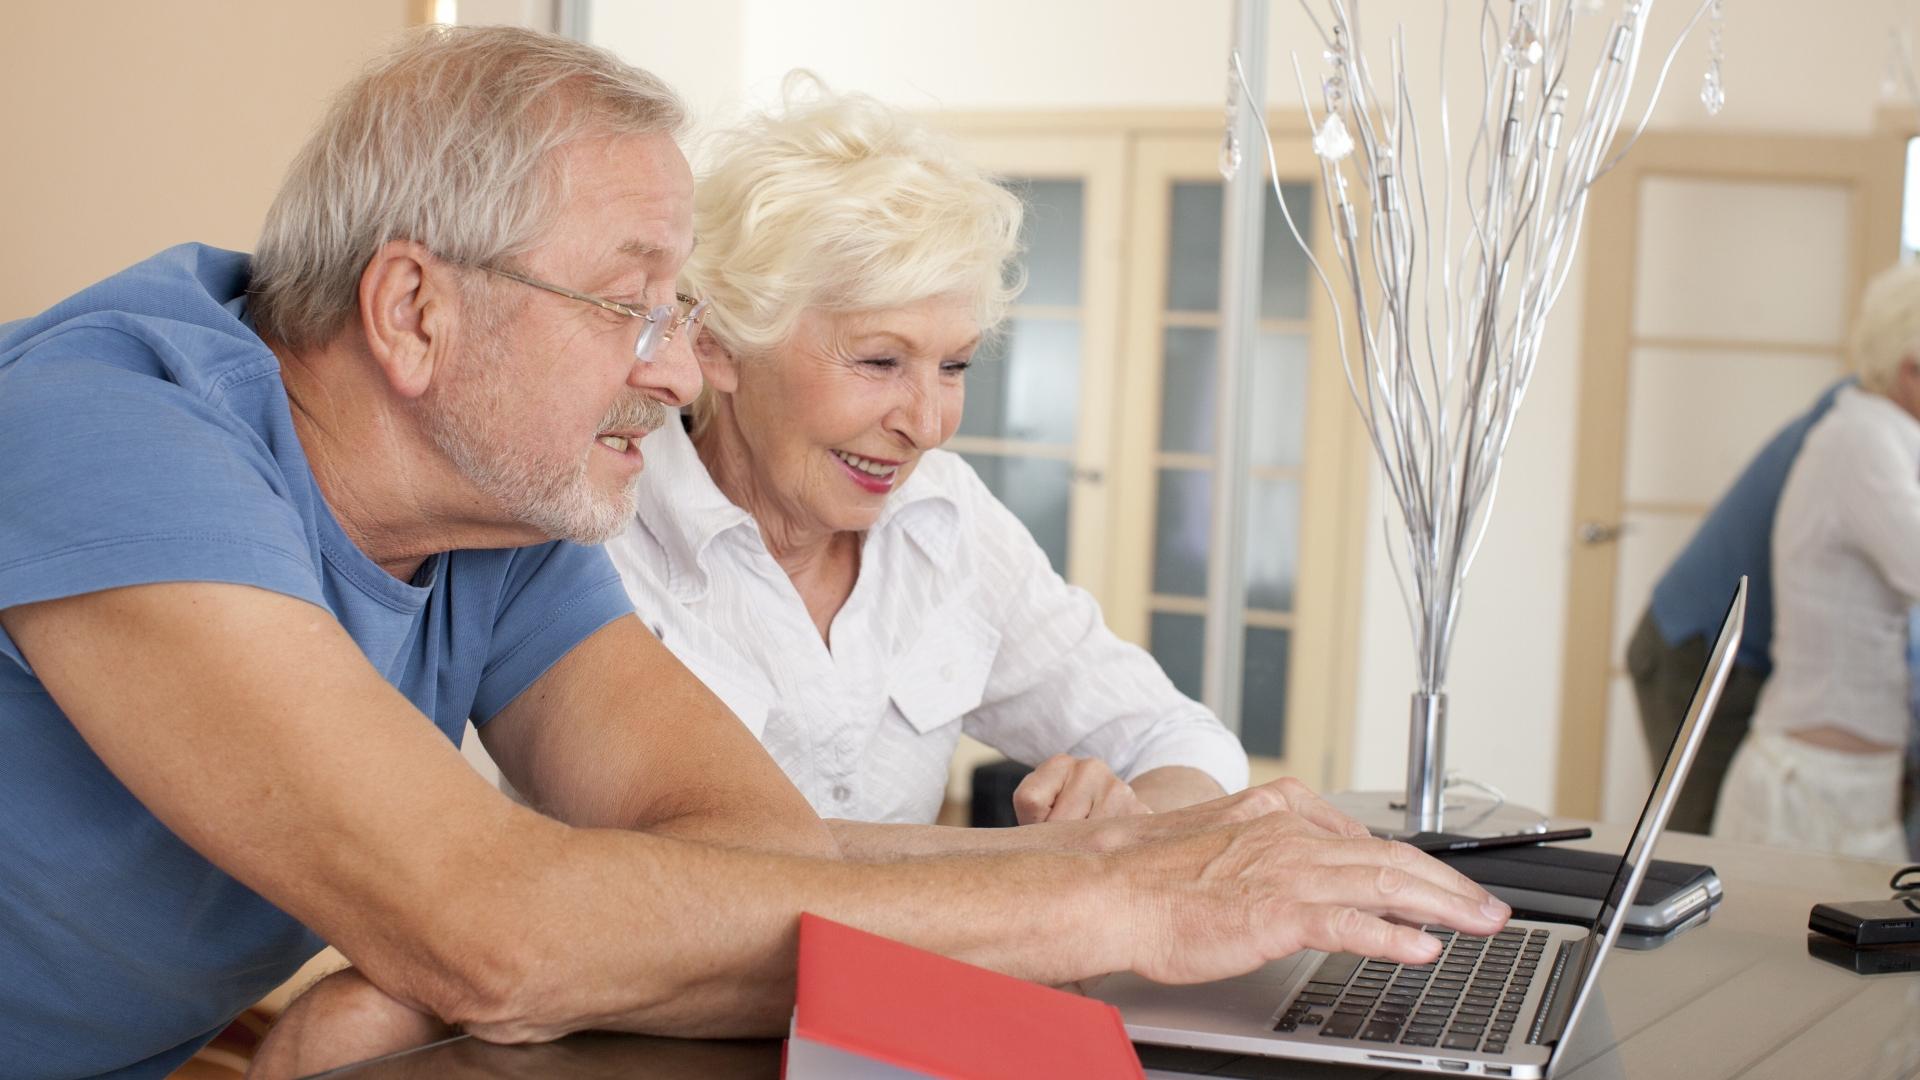 ブログを書くネタはあるだろうか?|ngsw.net